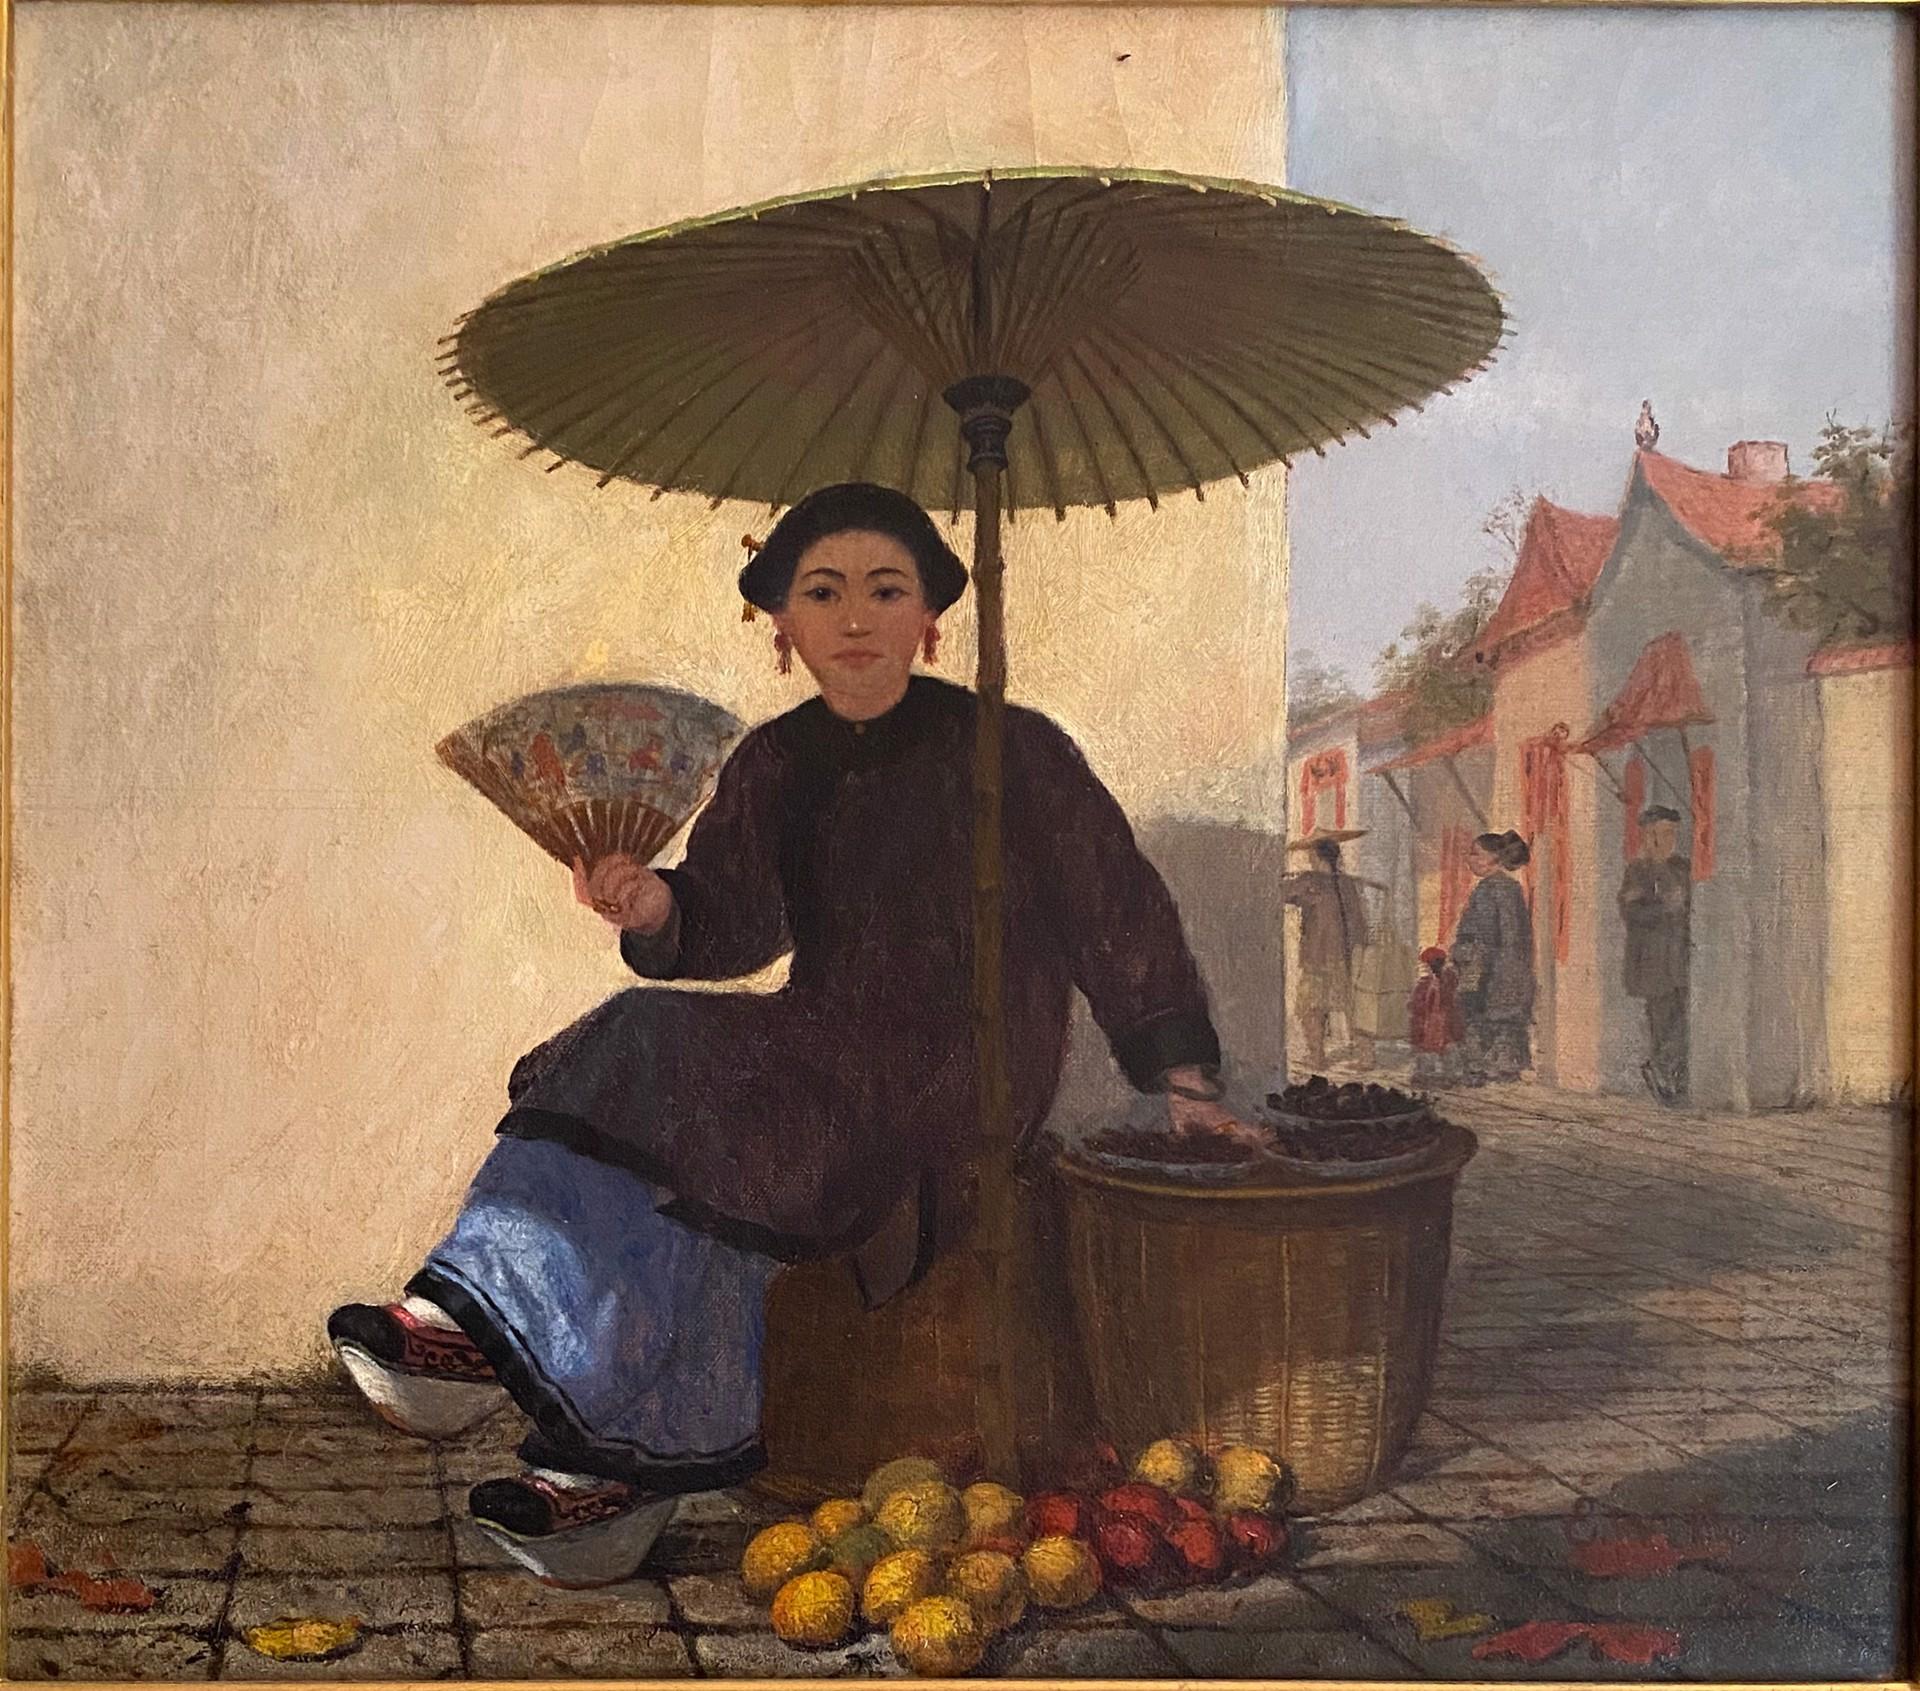 Fruit Seller by Enoch Wood Perry, Jr.